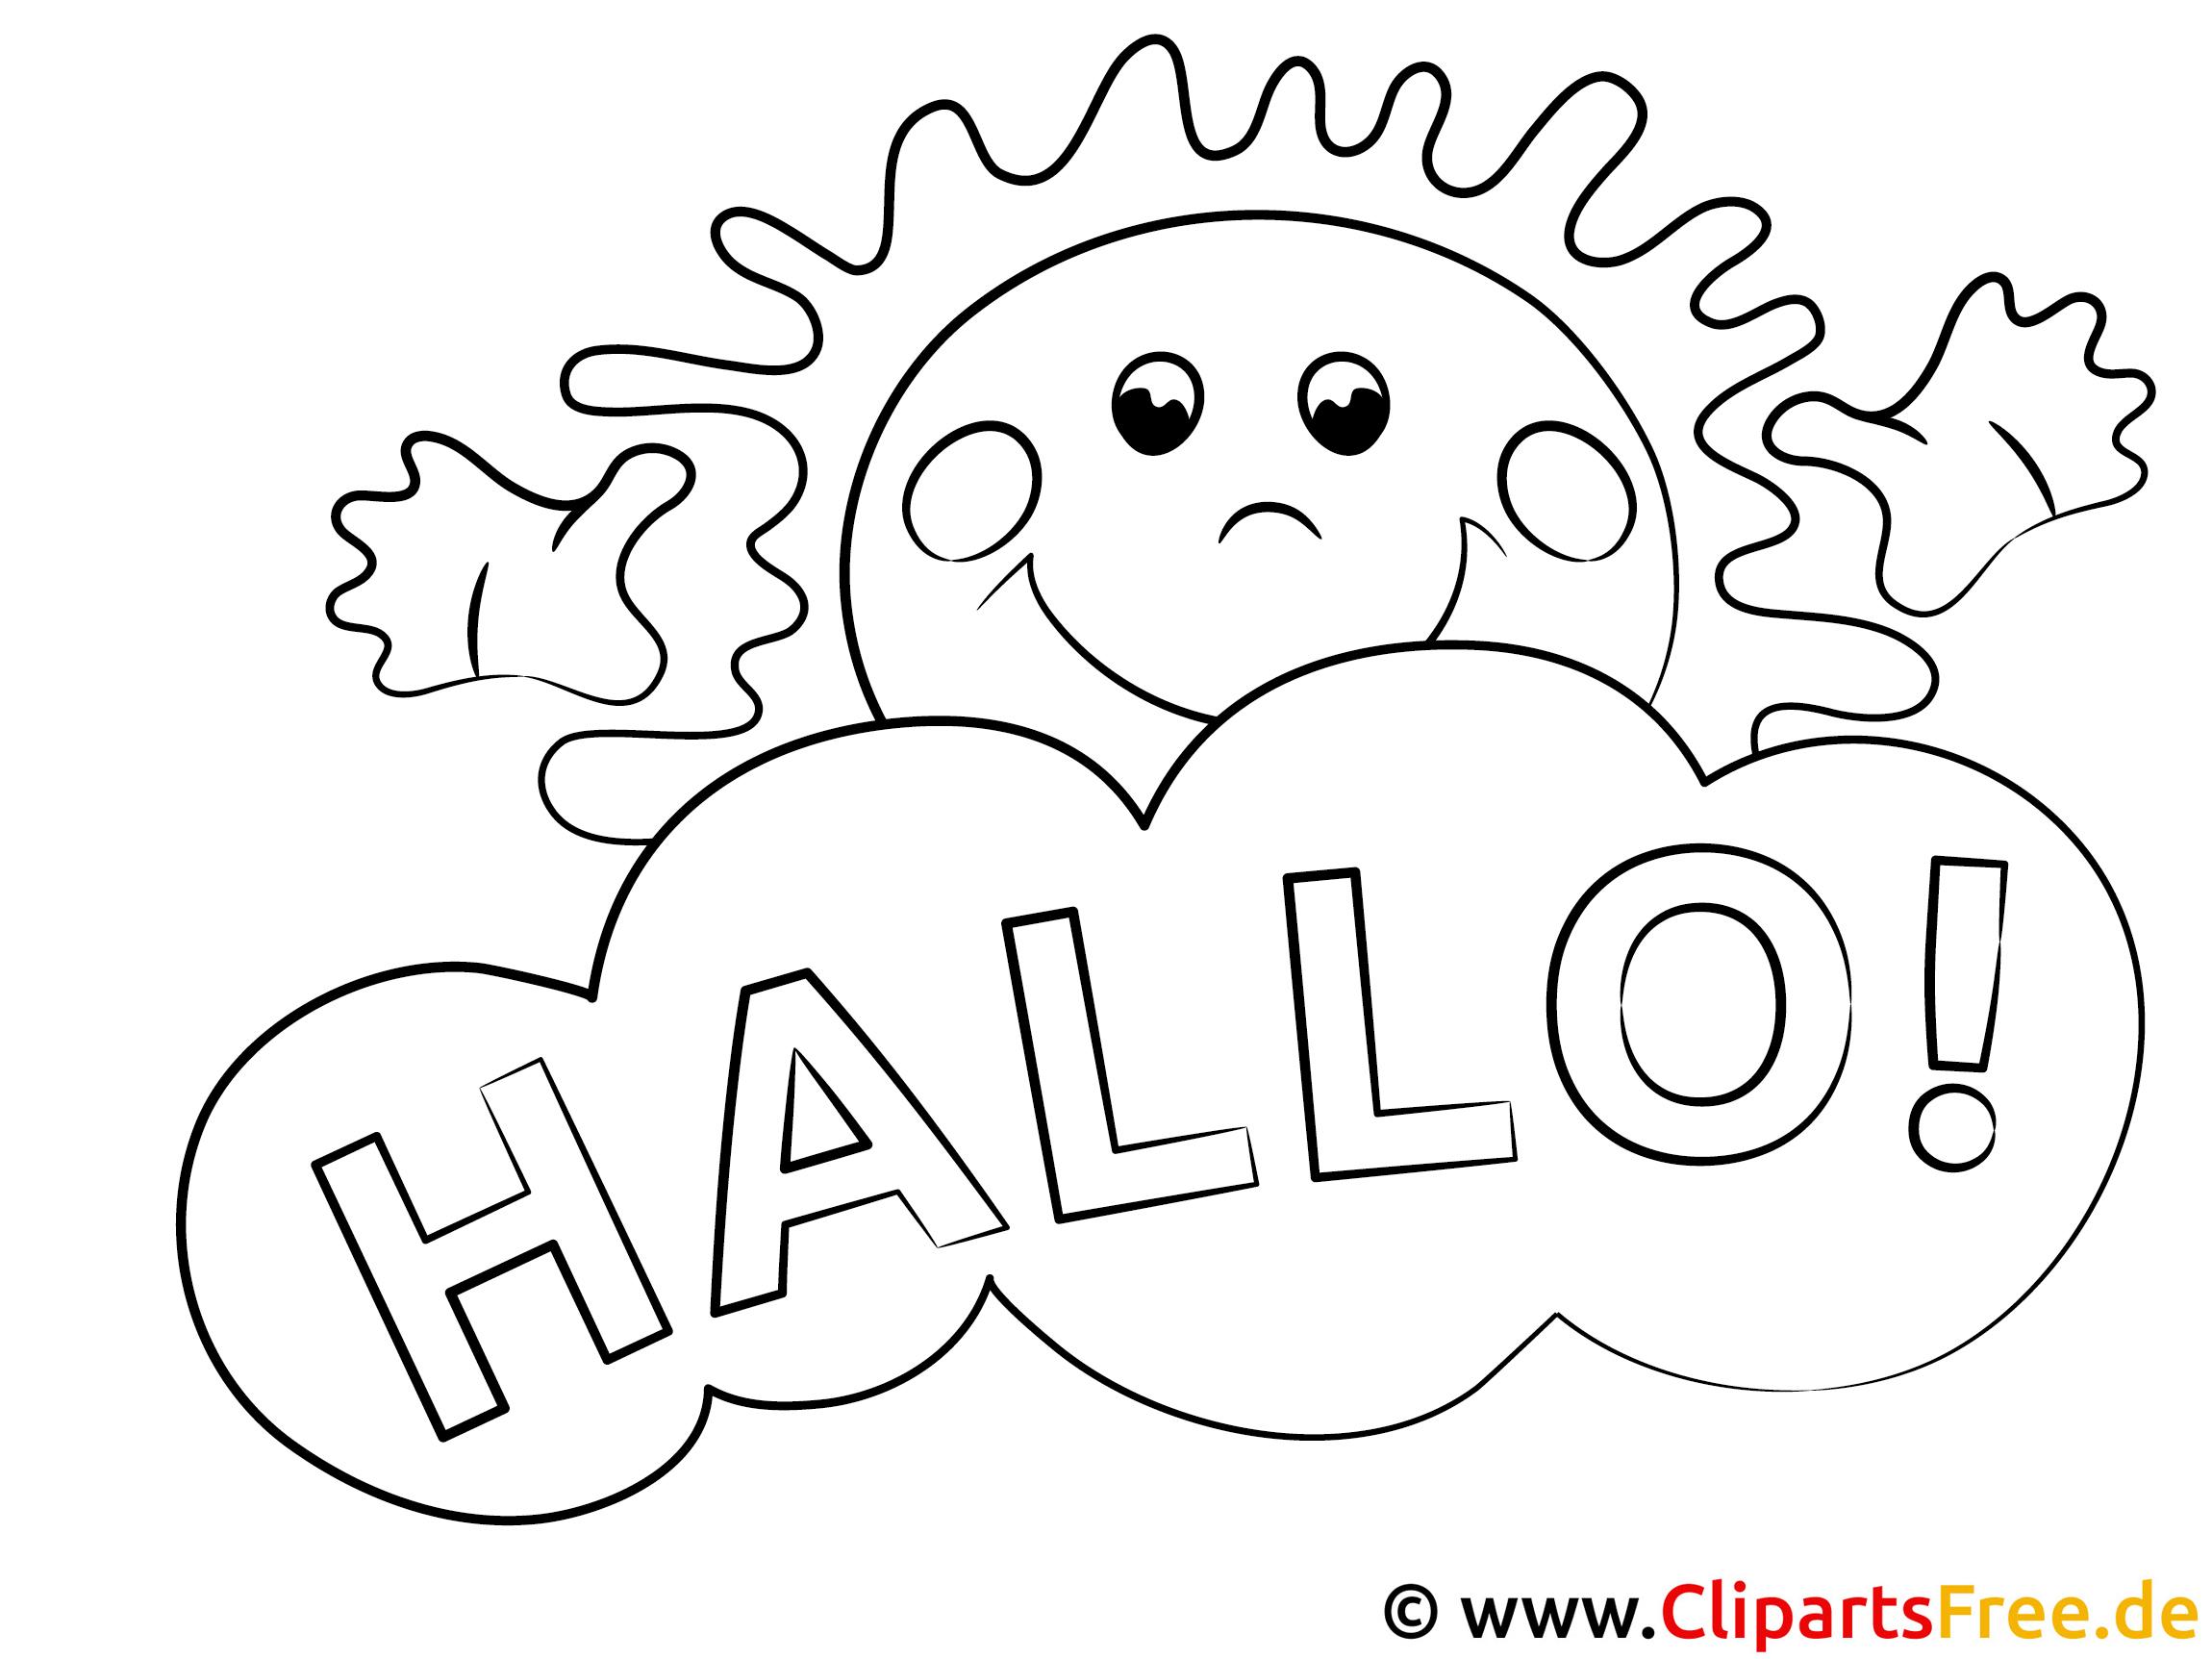 Malvorlagen Für Kinder: Sonne Hallo Ausmalbilder Gratis Für Kinder